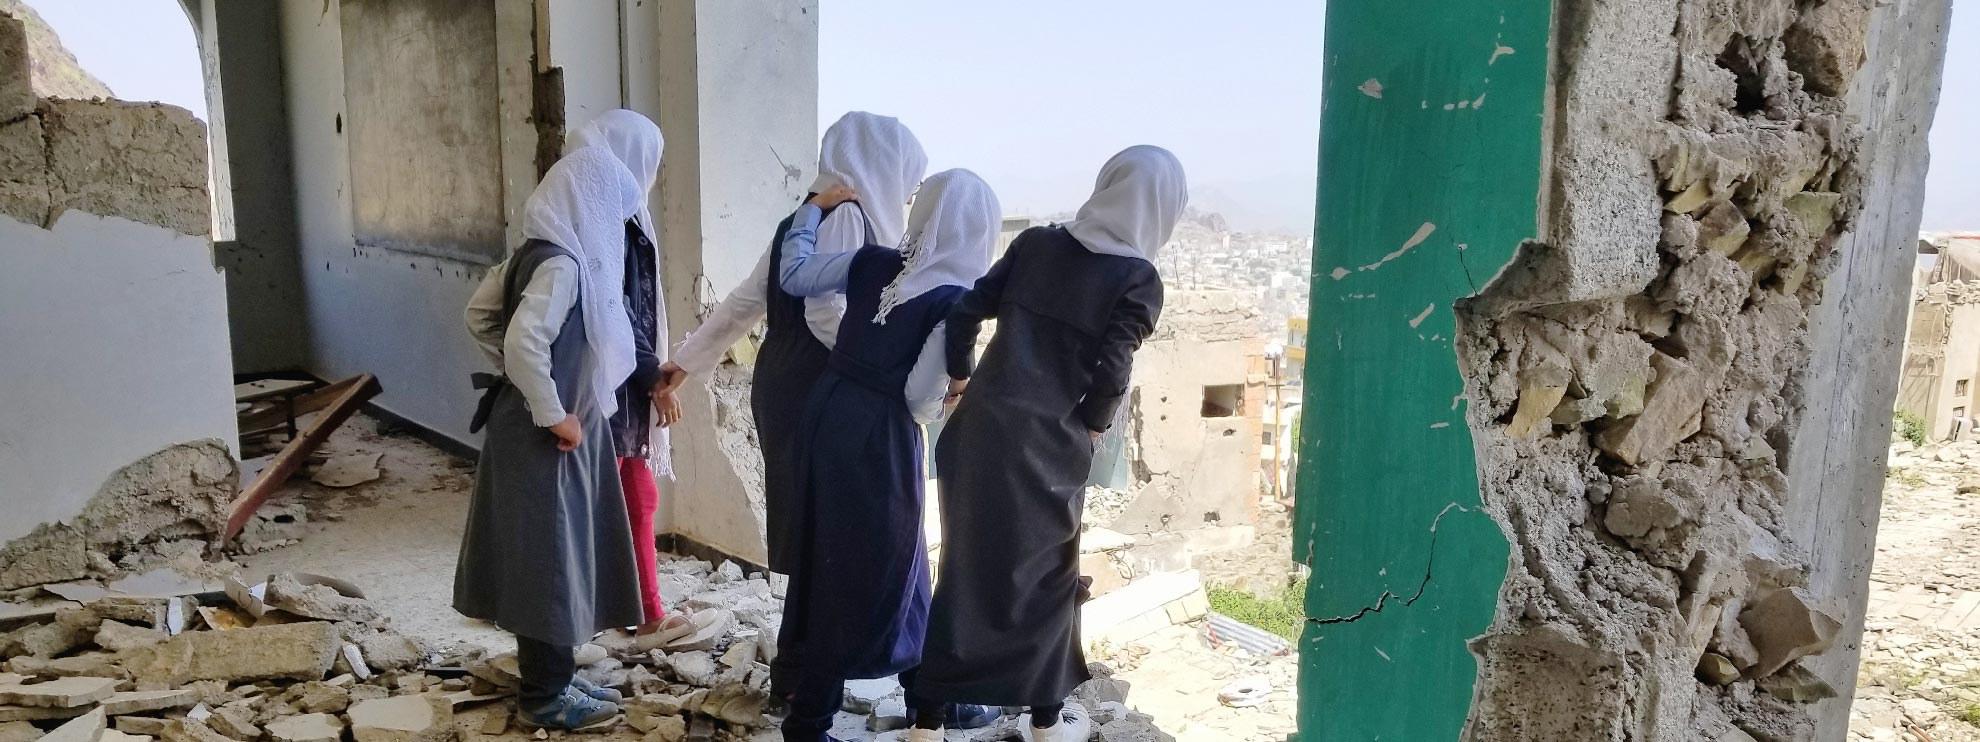 Schülerinnen inspizieren ihre zerstörte Schule, Taiz, Oktober 2018. ©  Anasalhajj / shutterstock.com